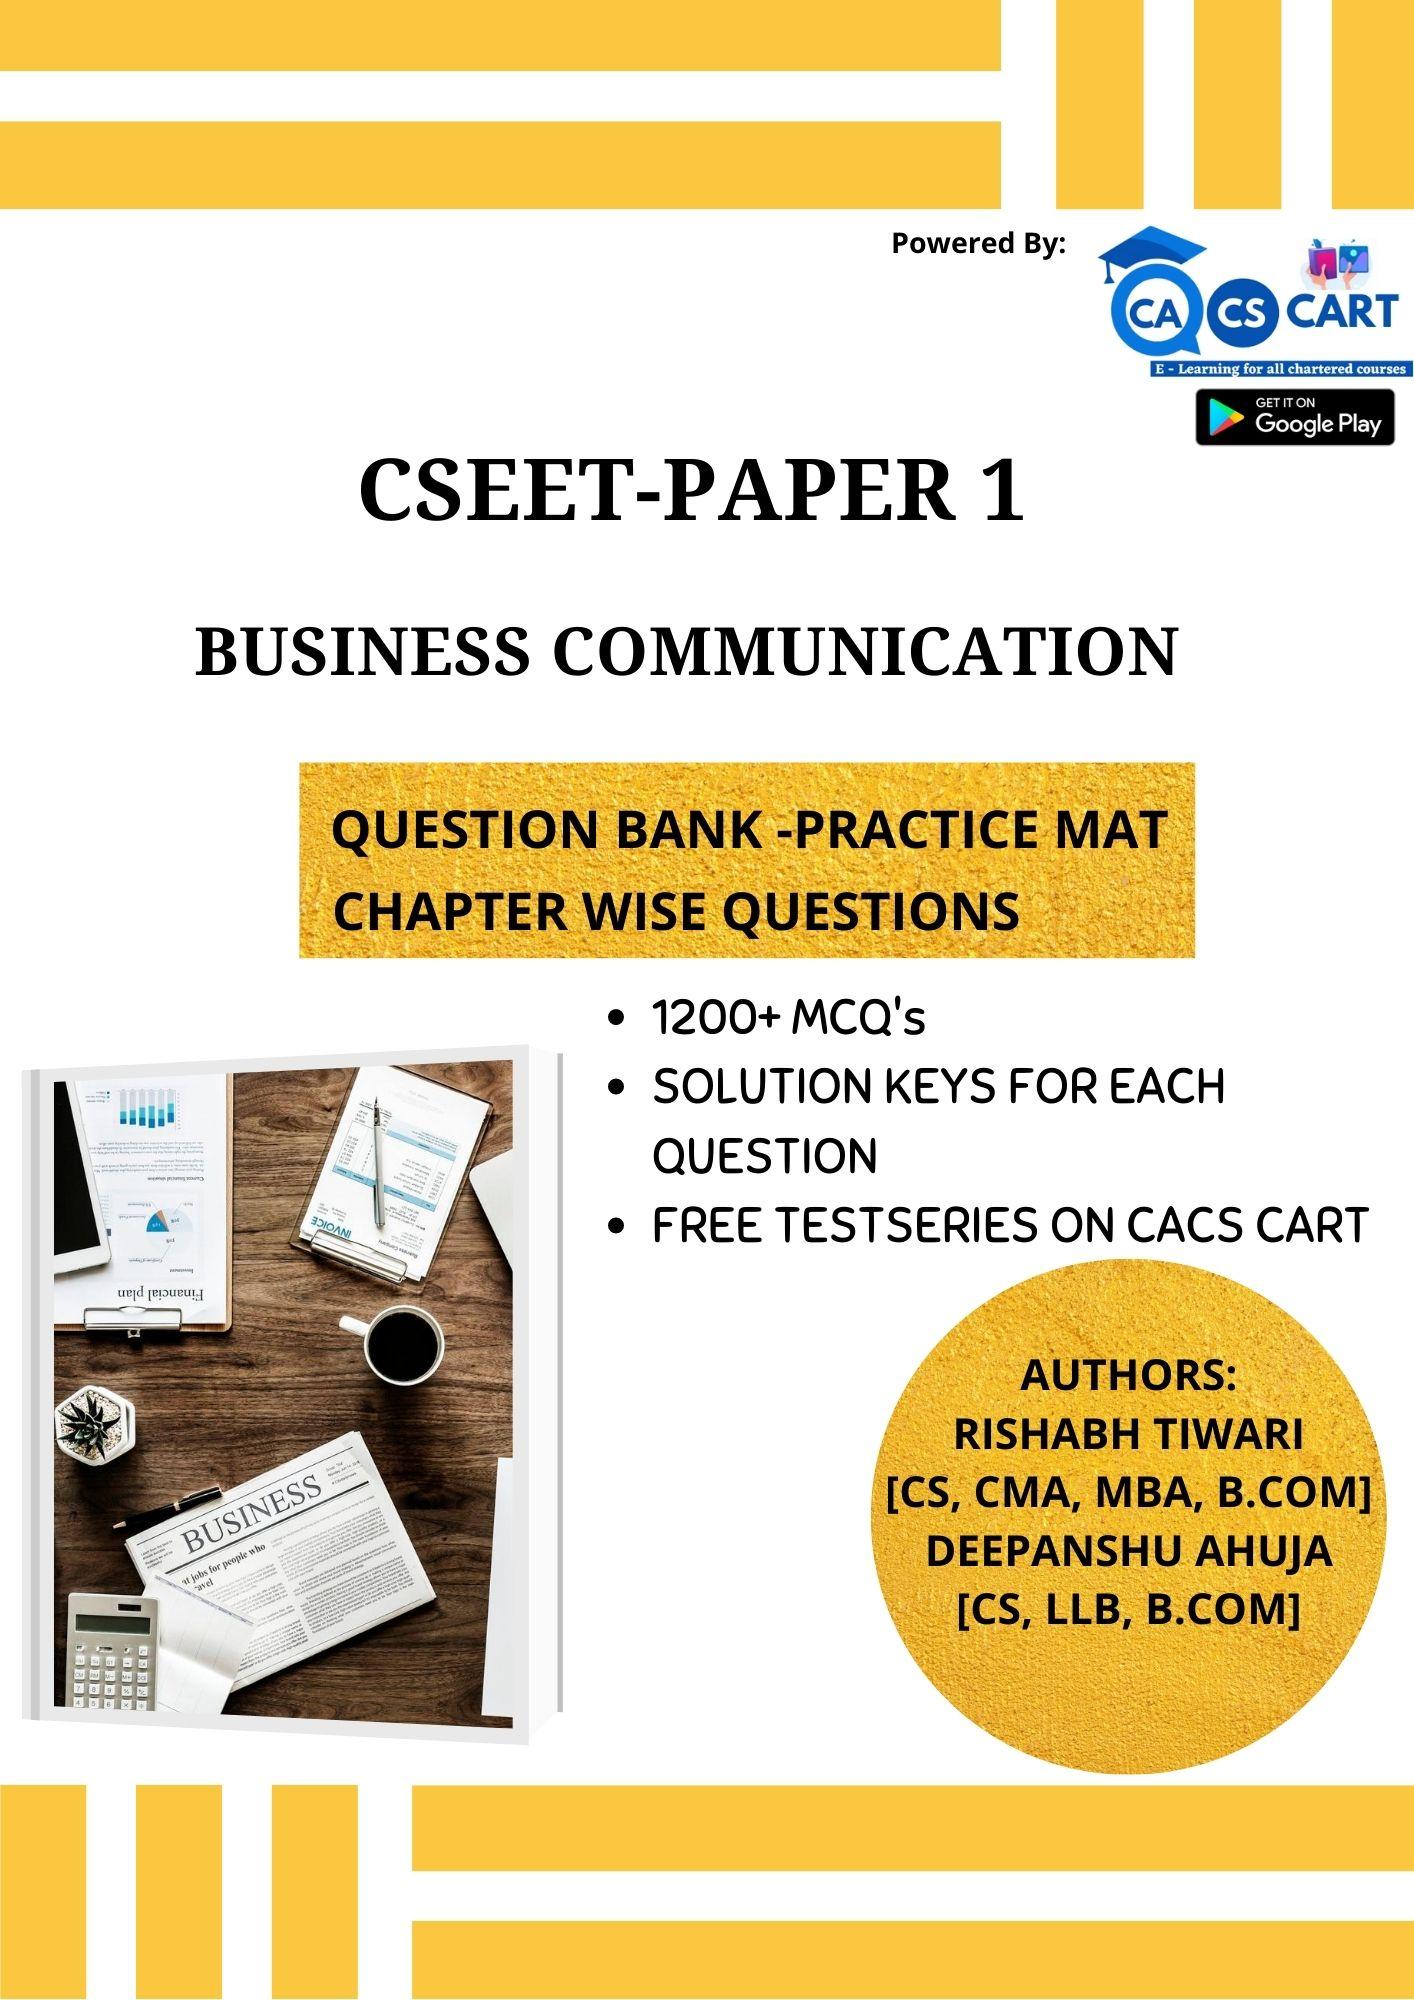 CSEET PAPER 1 - Business Communication Practice Mat